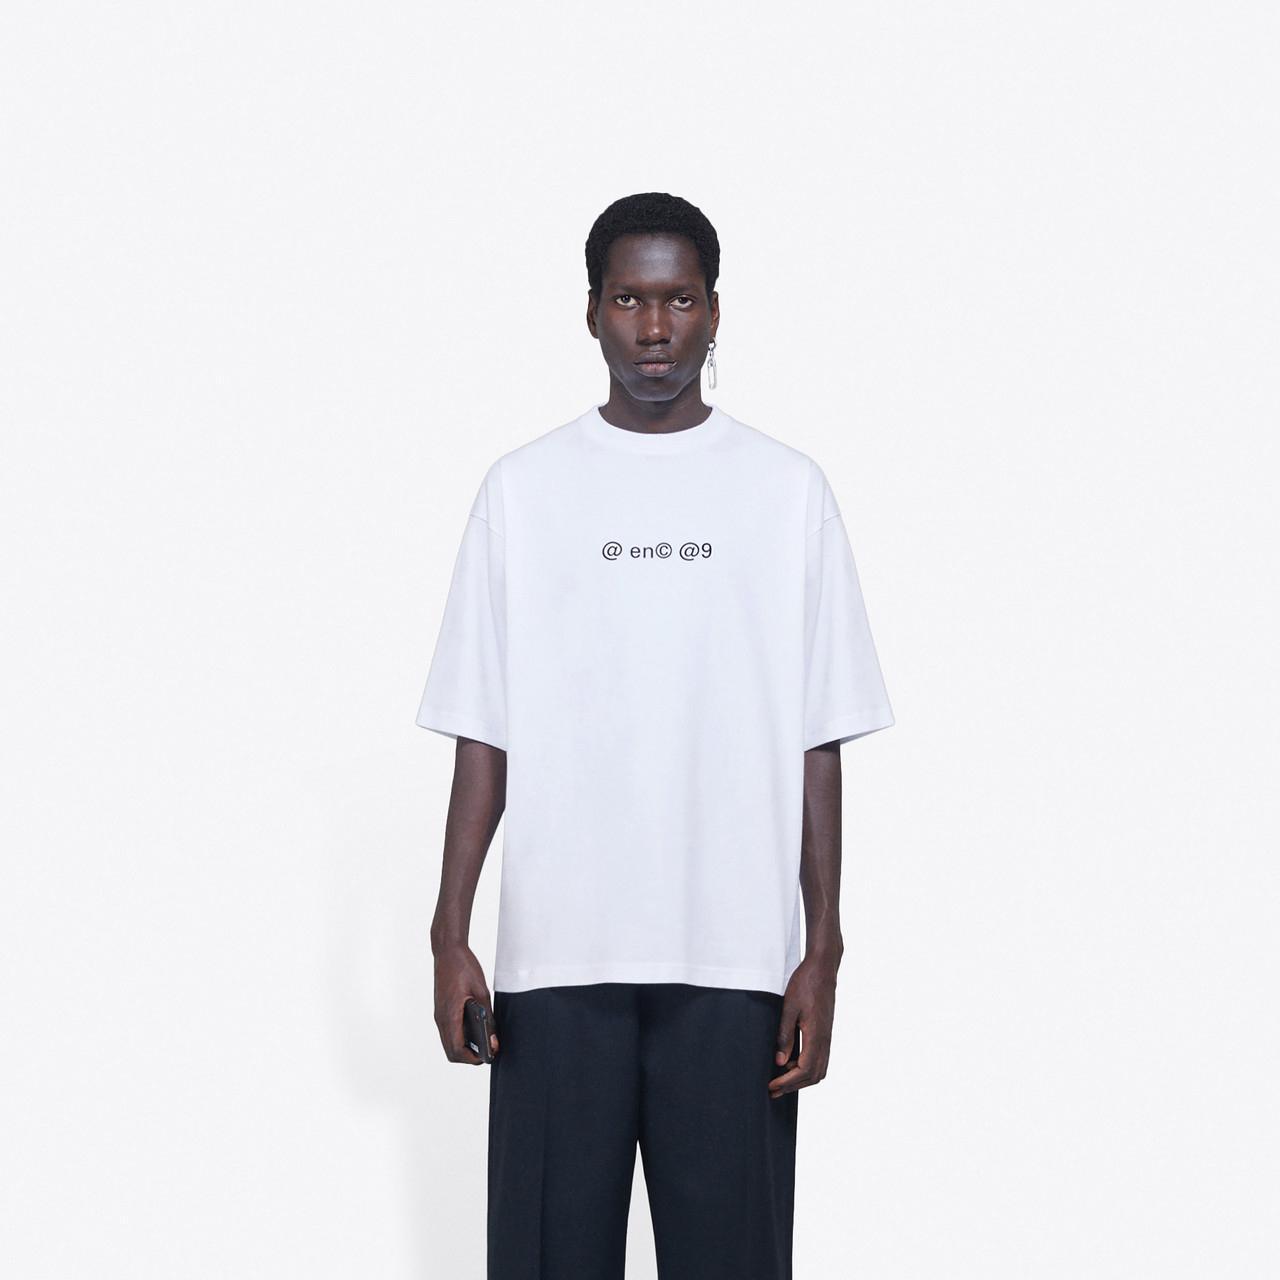 Melhor versão de luxo Europa pequeno @ impressão do logotipo T manga curta Homens Mulheres Moda Marca Tendência camisetas Casal Designer HFXHTX203